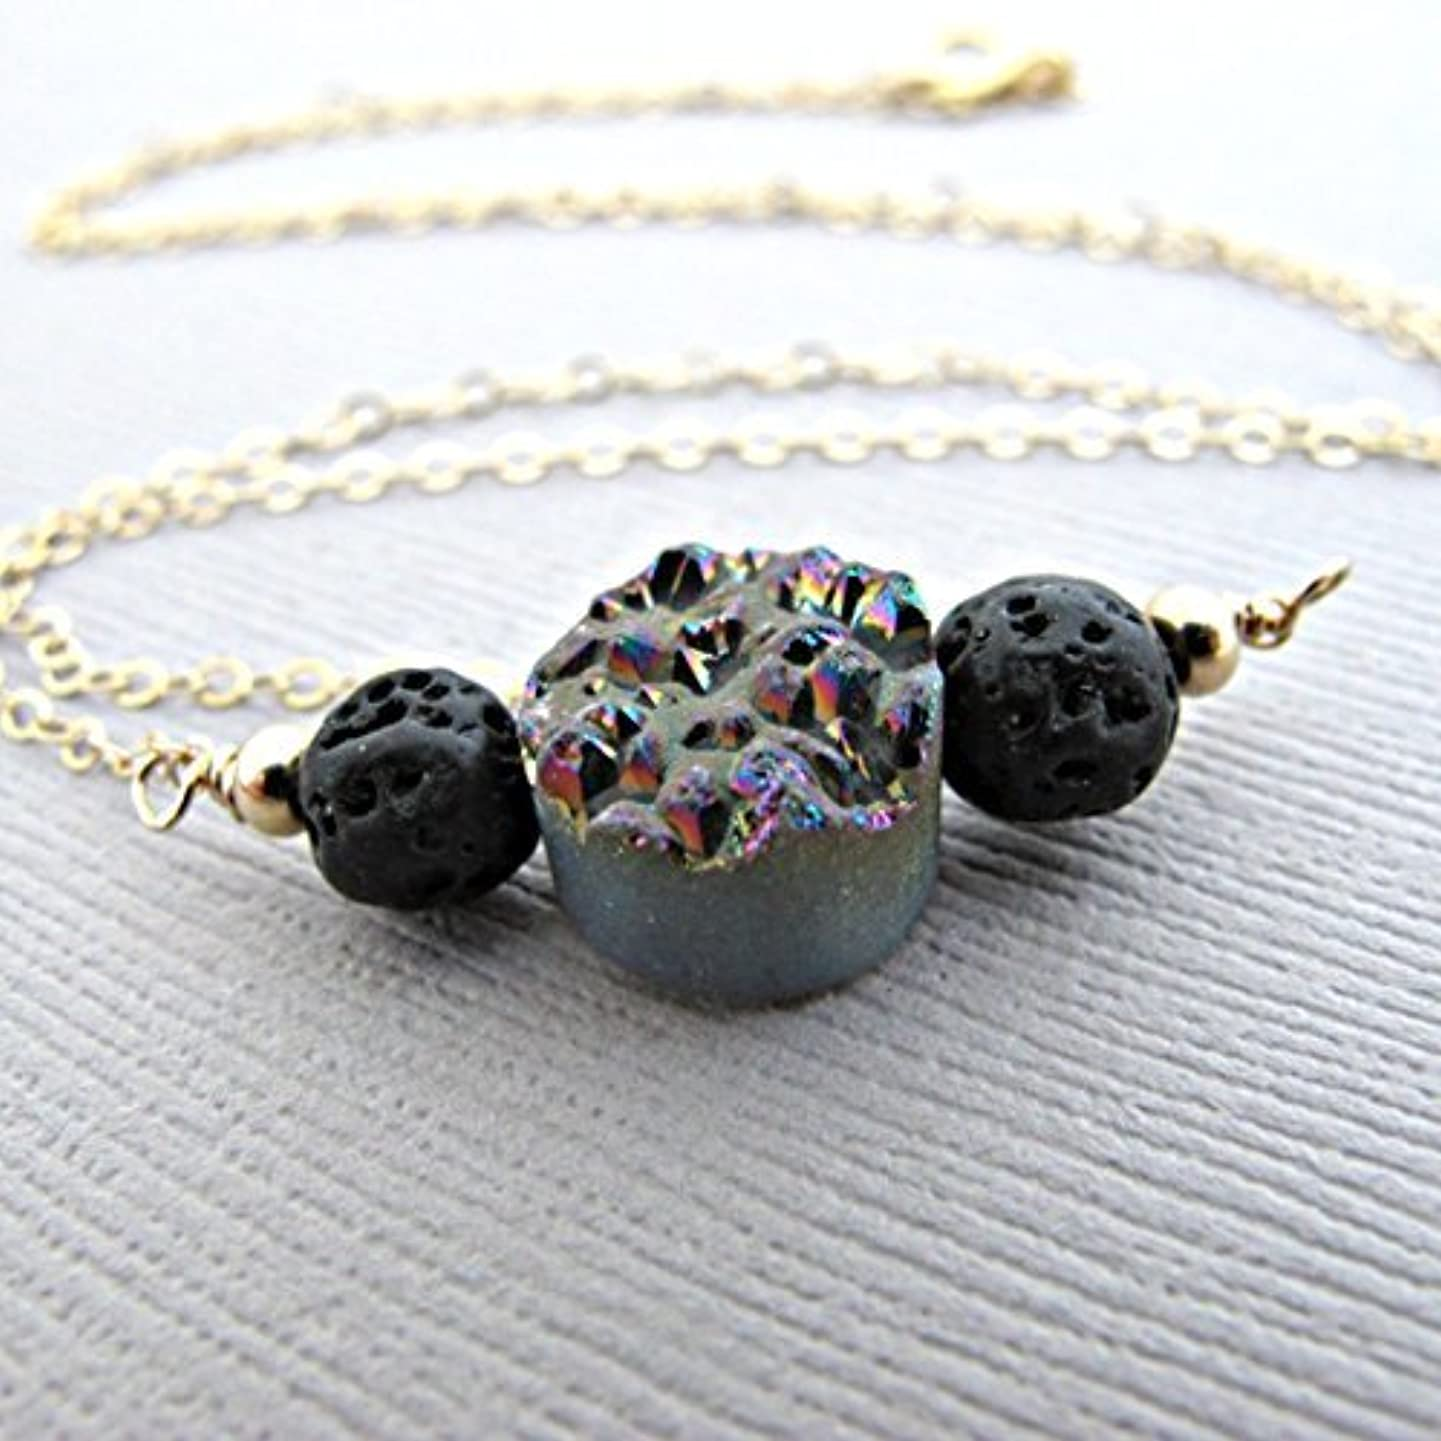 苦寺院委員長Rainbow Druzy Lava Pendant Essential Oil Necklace Diffuser Aromatherapy - Simple Minimalist Lava Bead Diffuser...